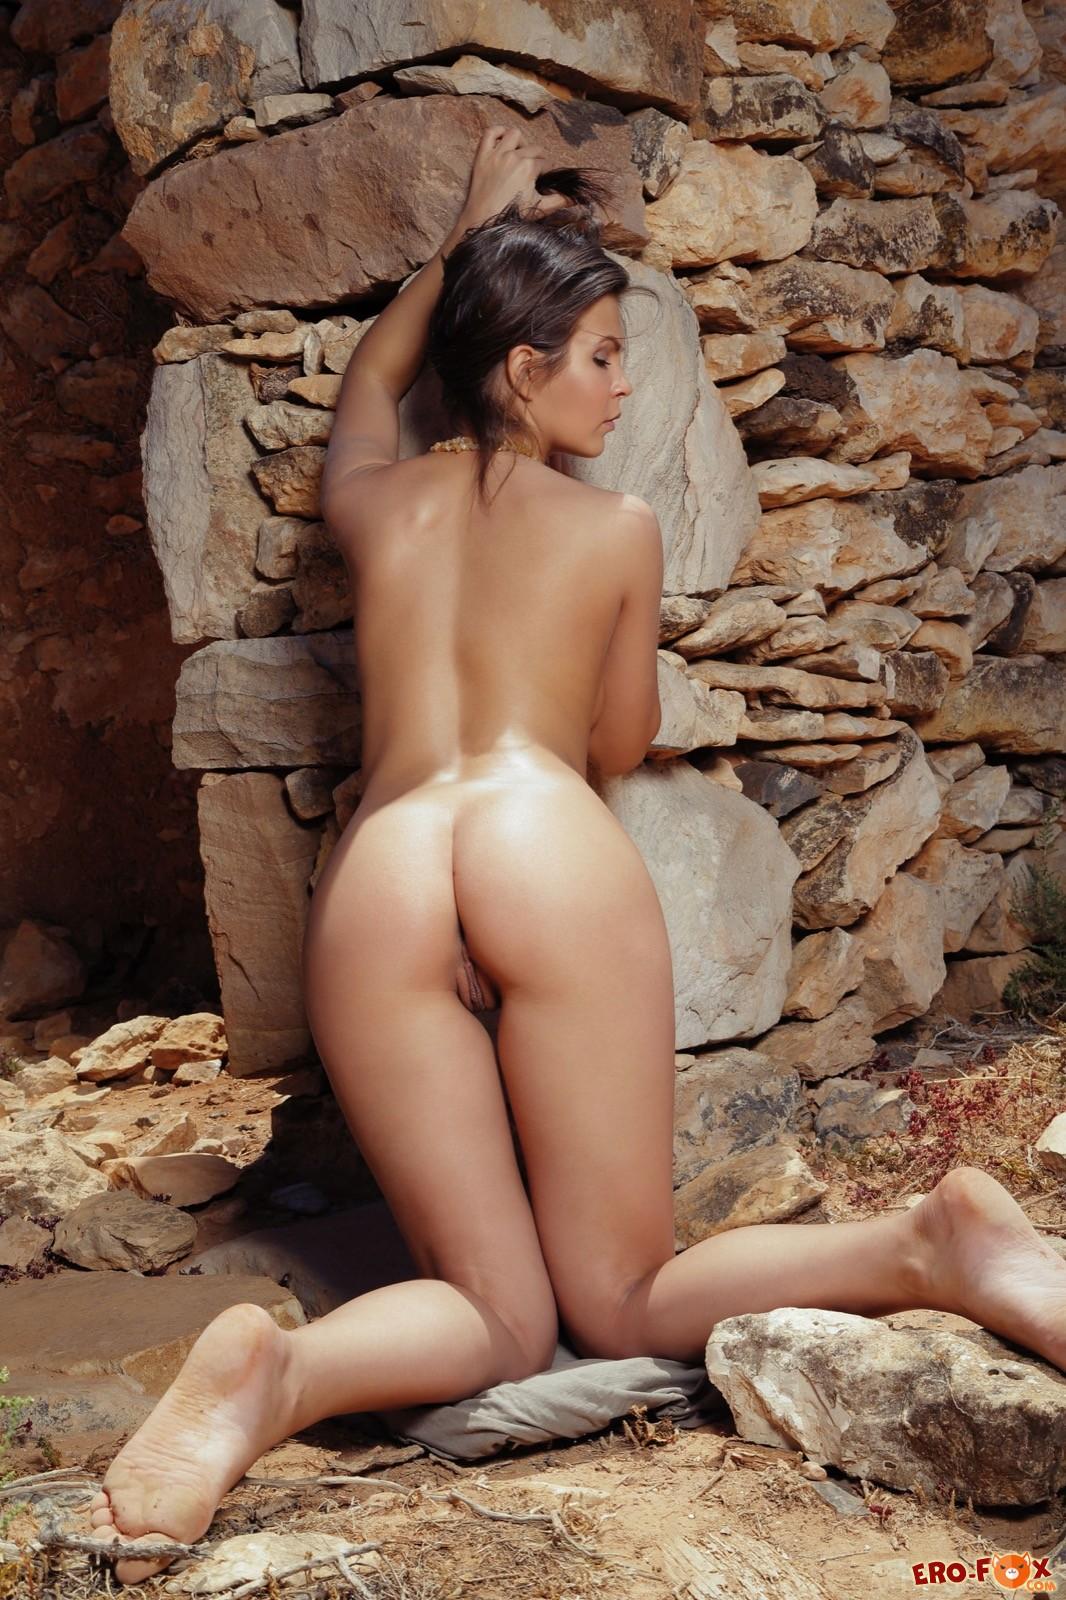 Упругая задница голой девки крупным планом